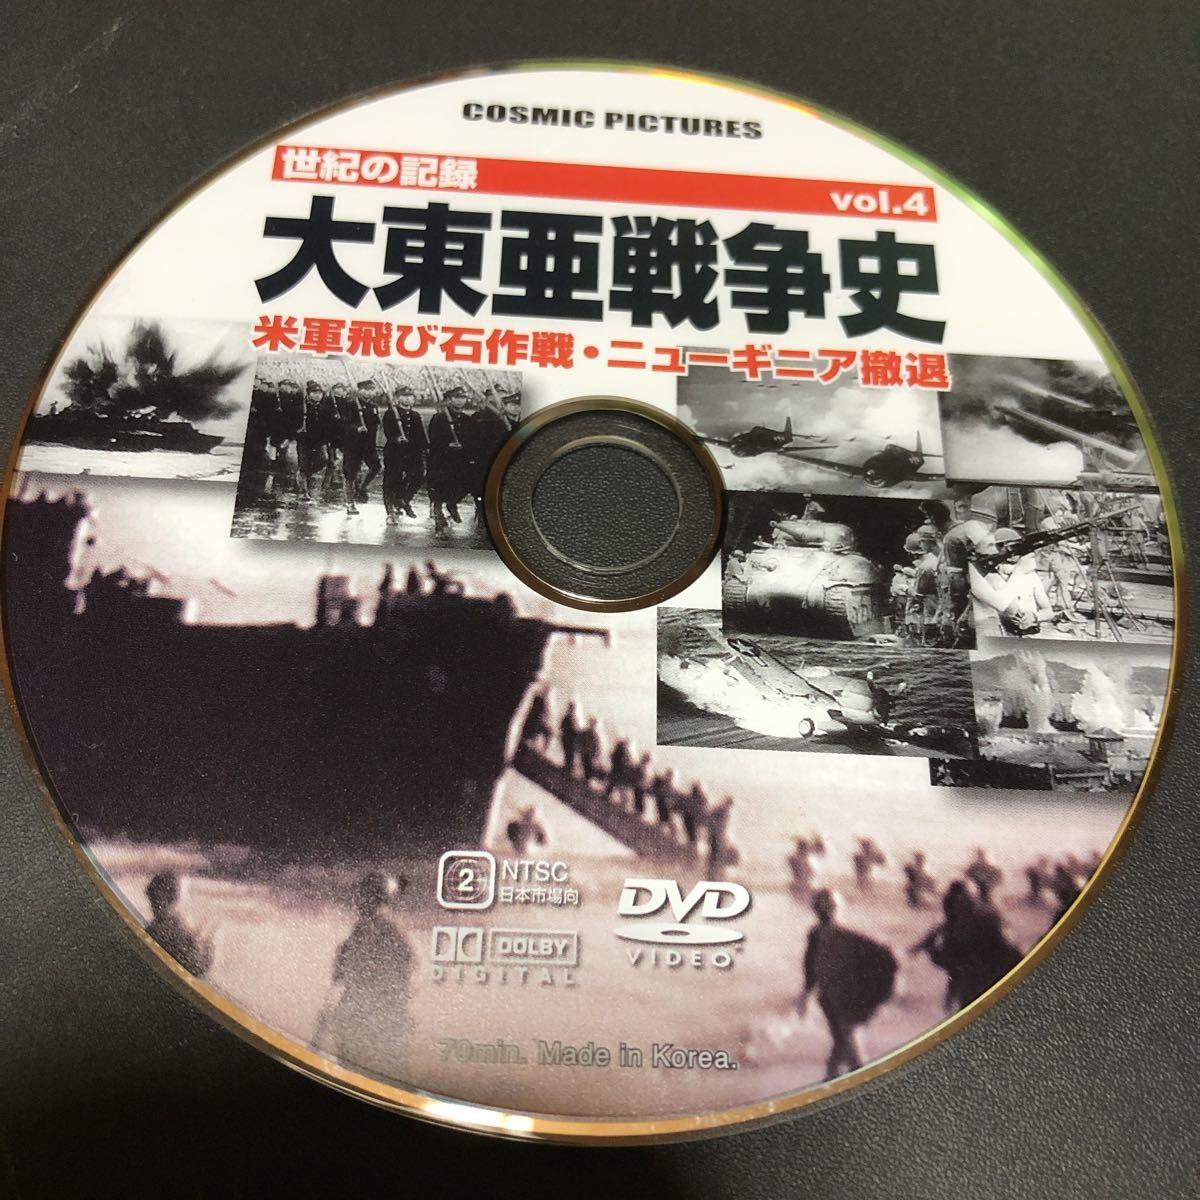 ジャンク品 世界の記録 大東亜戦争史 DVD 5枚組_画像8